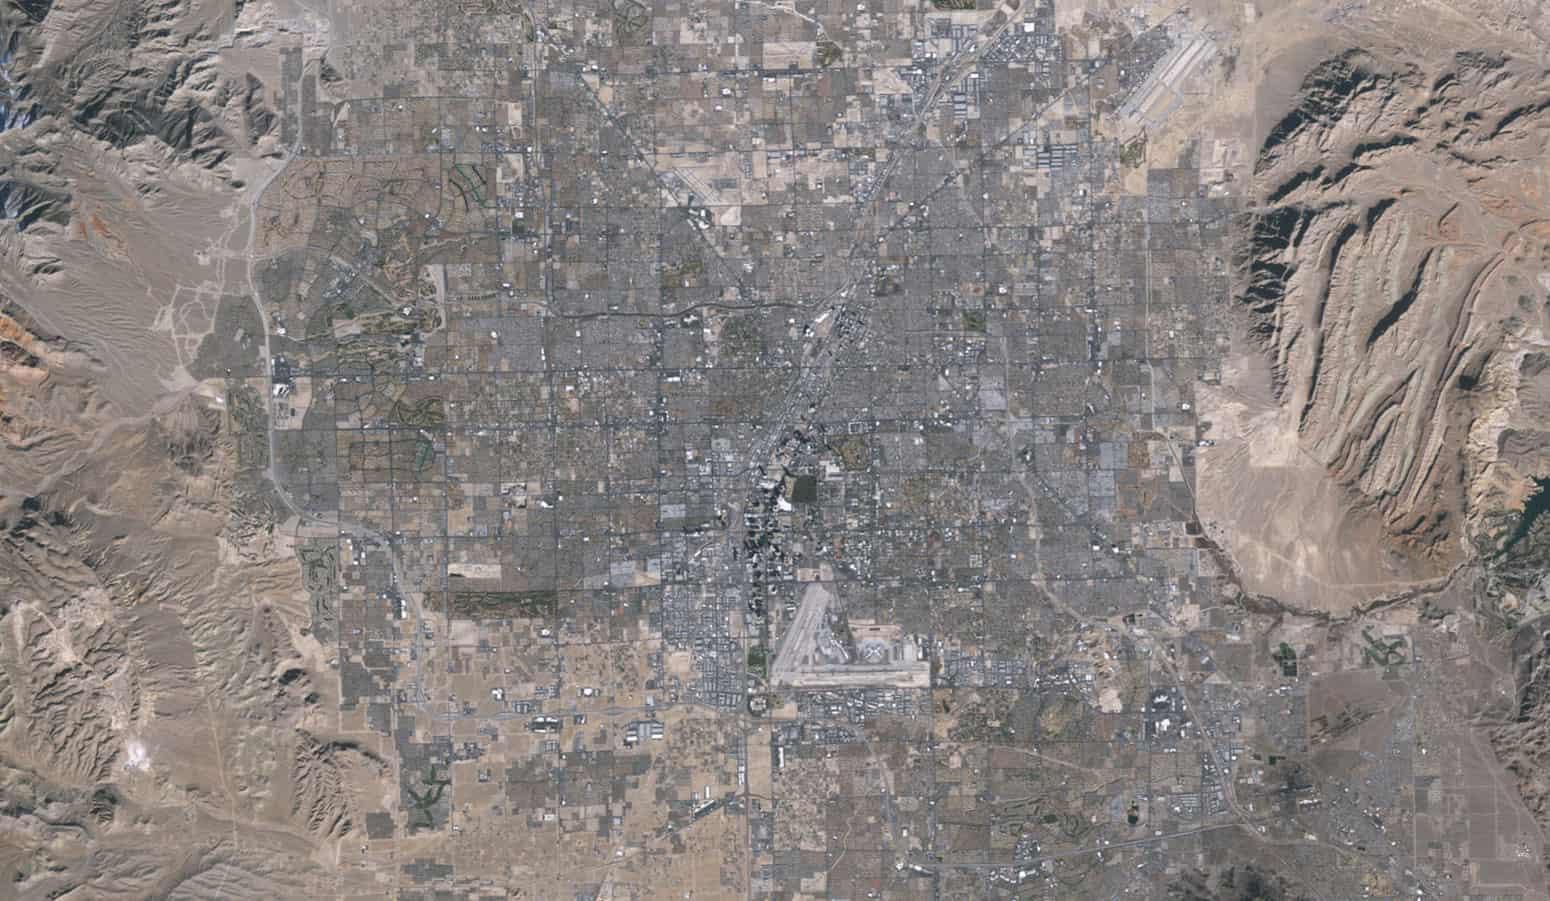 25 Years of Growth in Las Vegas